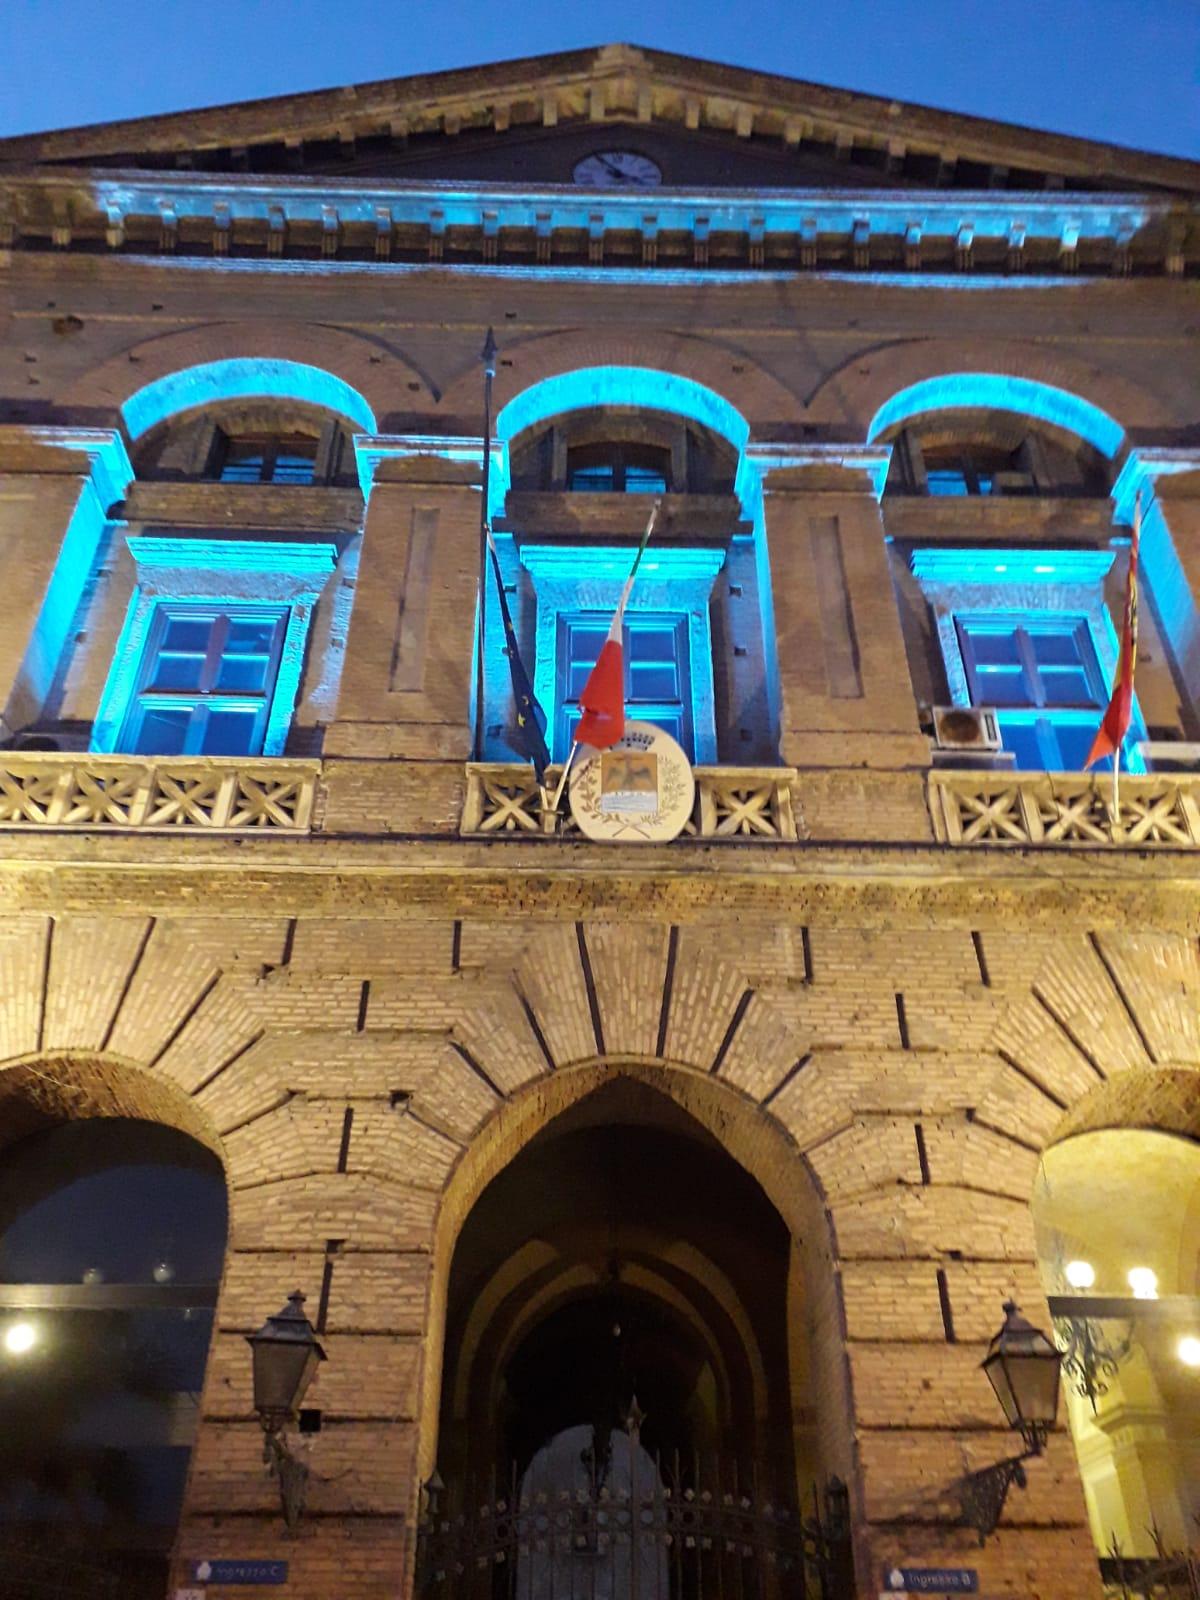 giornata-internazionale-dello-sport,-palazzo-municipale-di-milazzo-illuminato-di-blu